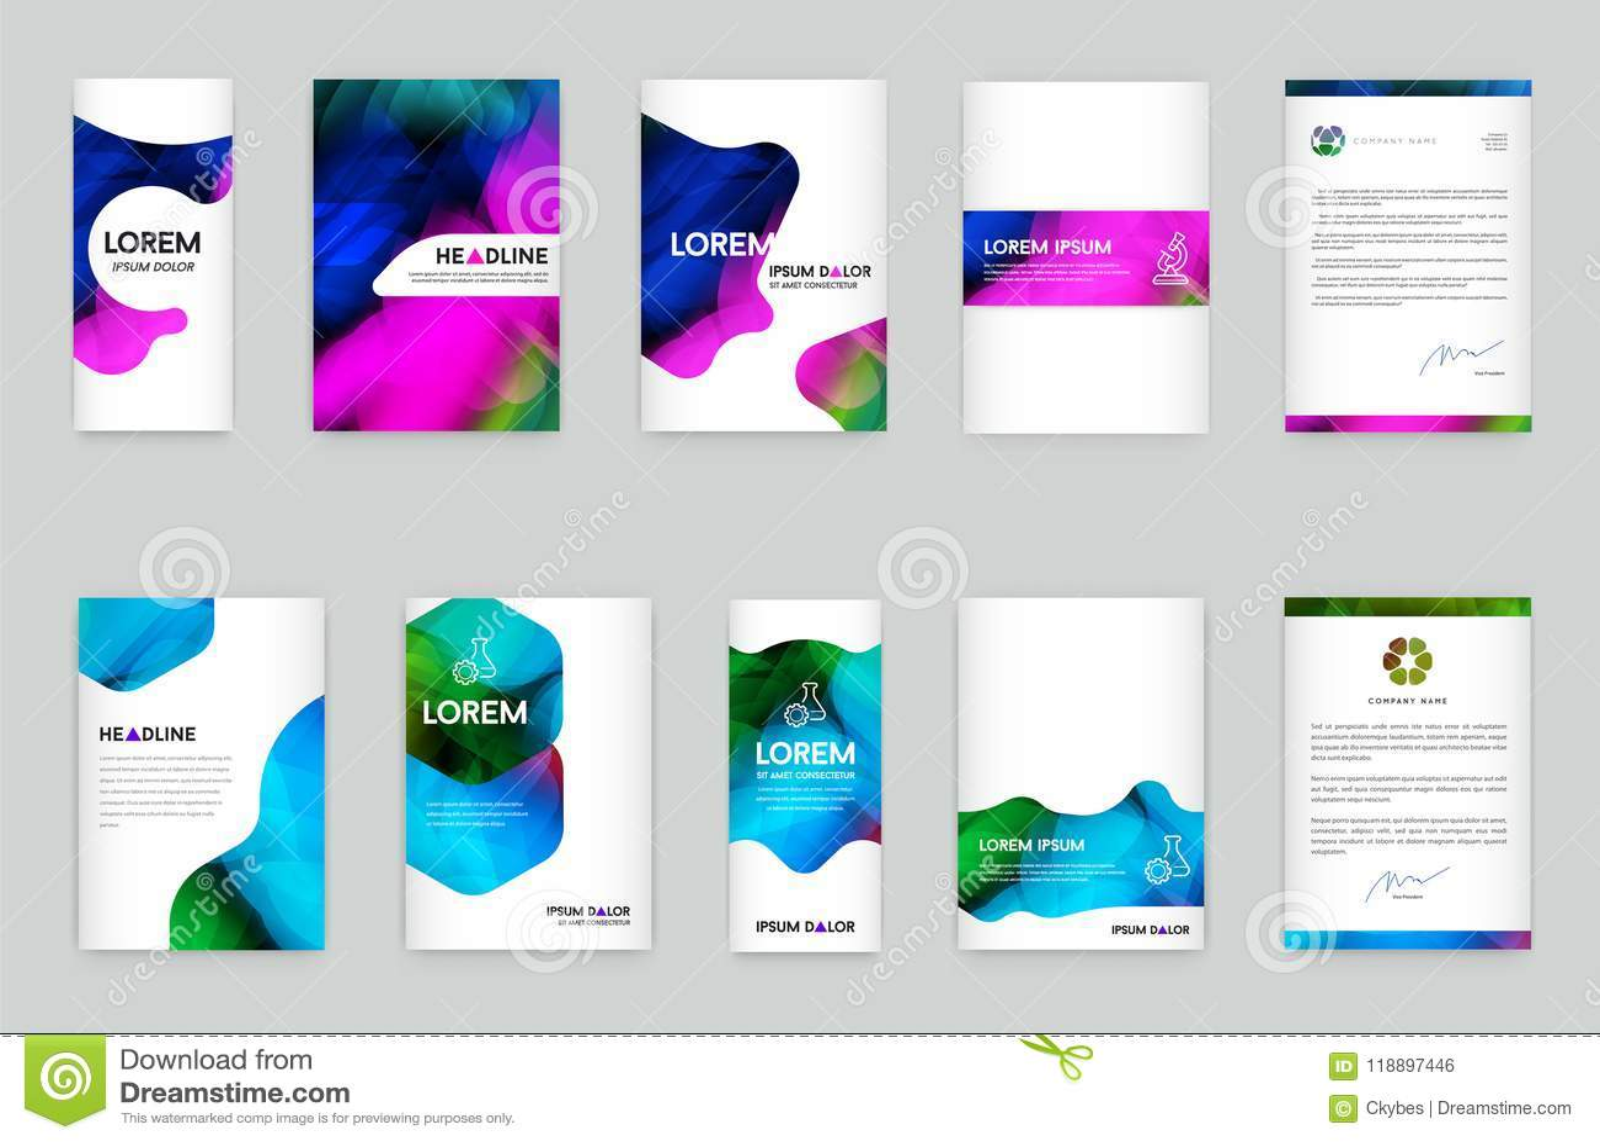 Αφηρημένο ζωηρόχρωμο υγρό και ρευστό σχέδιο κάλυψης Ελάχιστη γεωμετρική αφίσα Κλίσεις σχεδίων backgrounder διάνυσμα